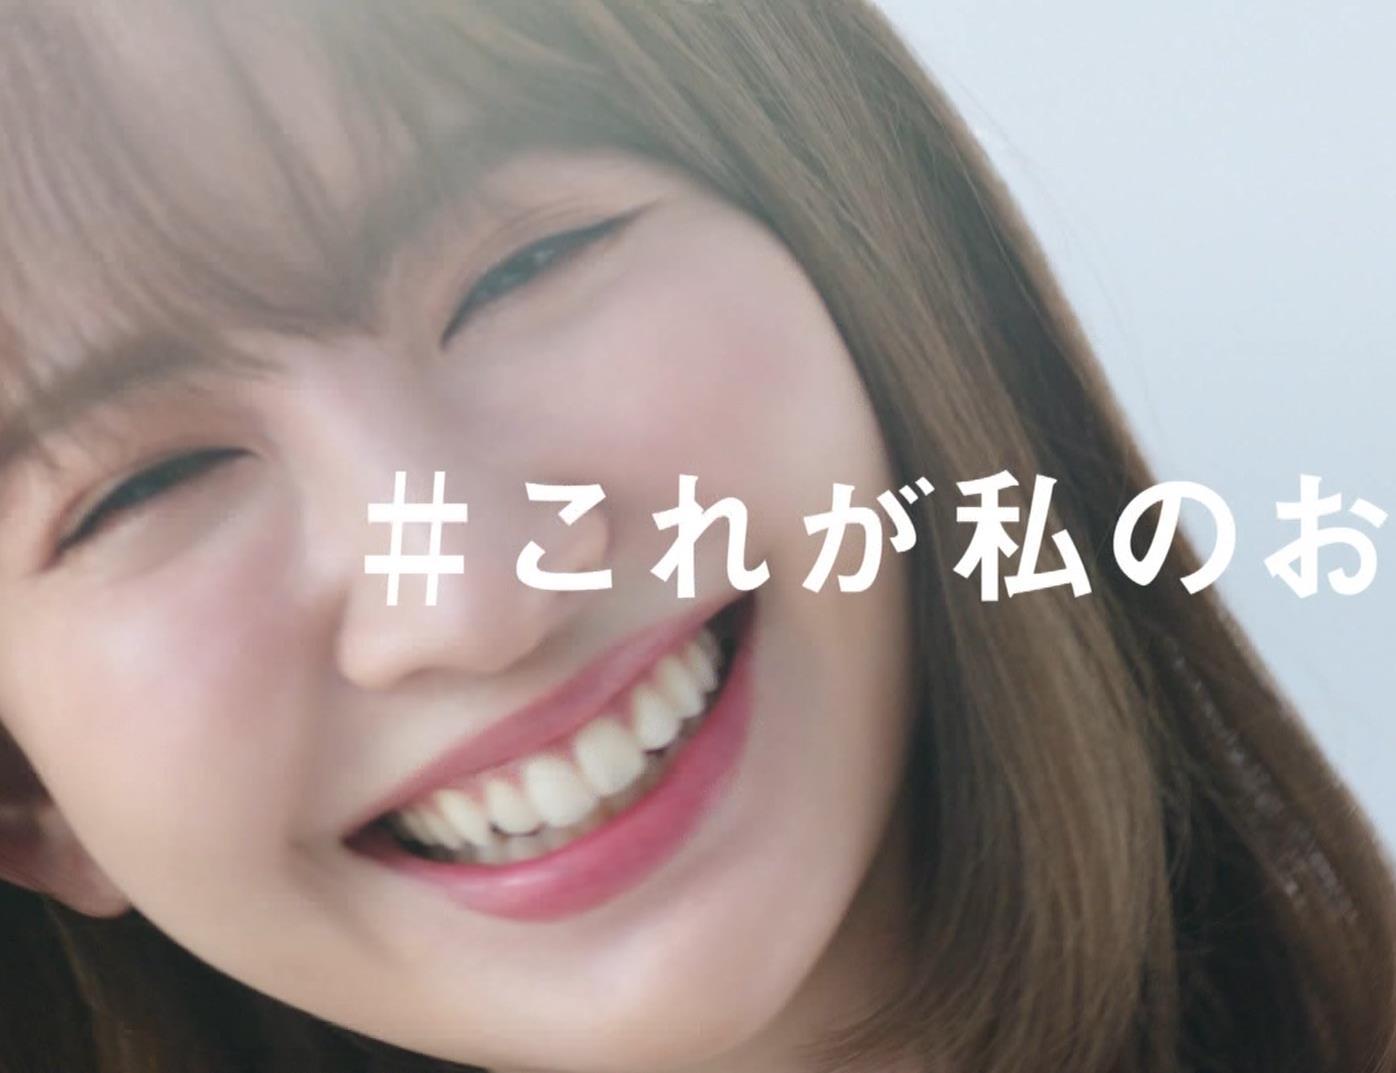 小嶋陽菜 ちょっと胸の谷間を出してるCMキャプ・エロ画像11